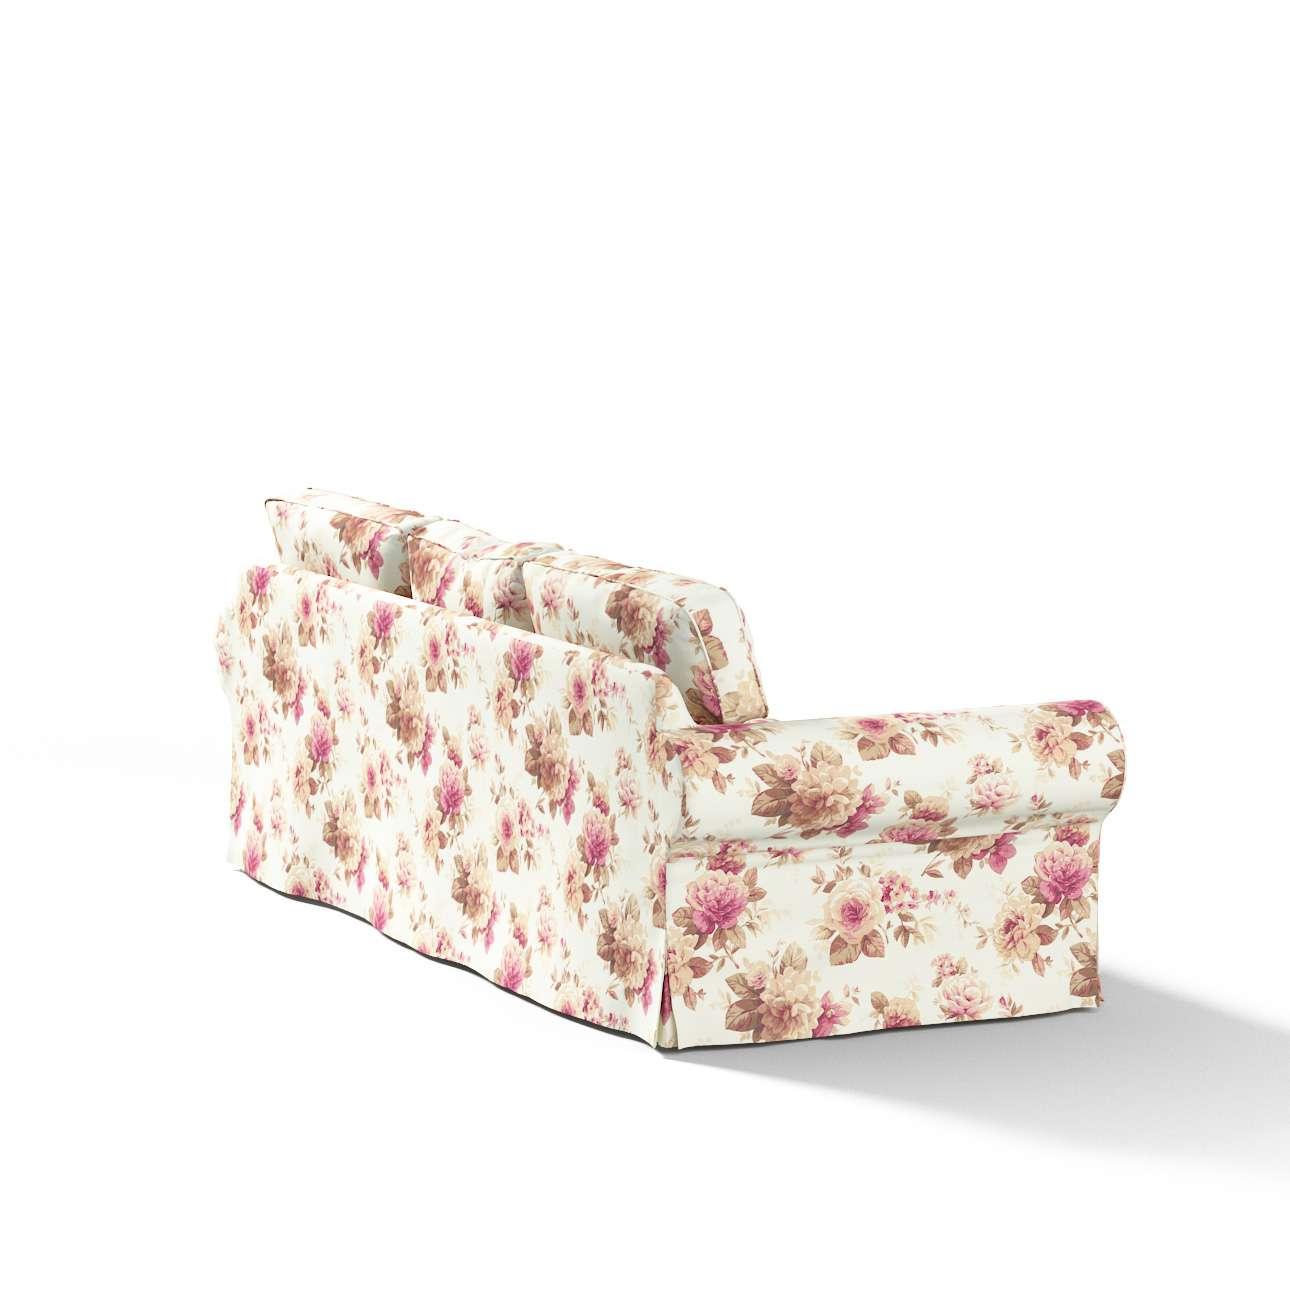 Ektorp 3-Sitzer Sofabezug nicht ausklappbar Sofabezug für  Ektorp 3-Sitzer nicht ausklappbar von der Kollektion Mirella, Stoff: 141-06